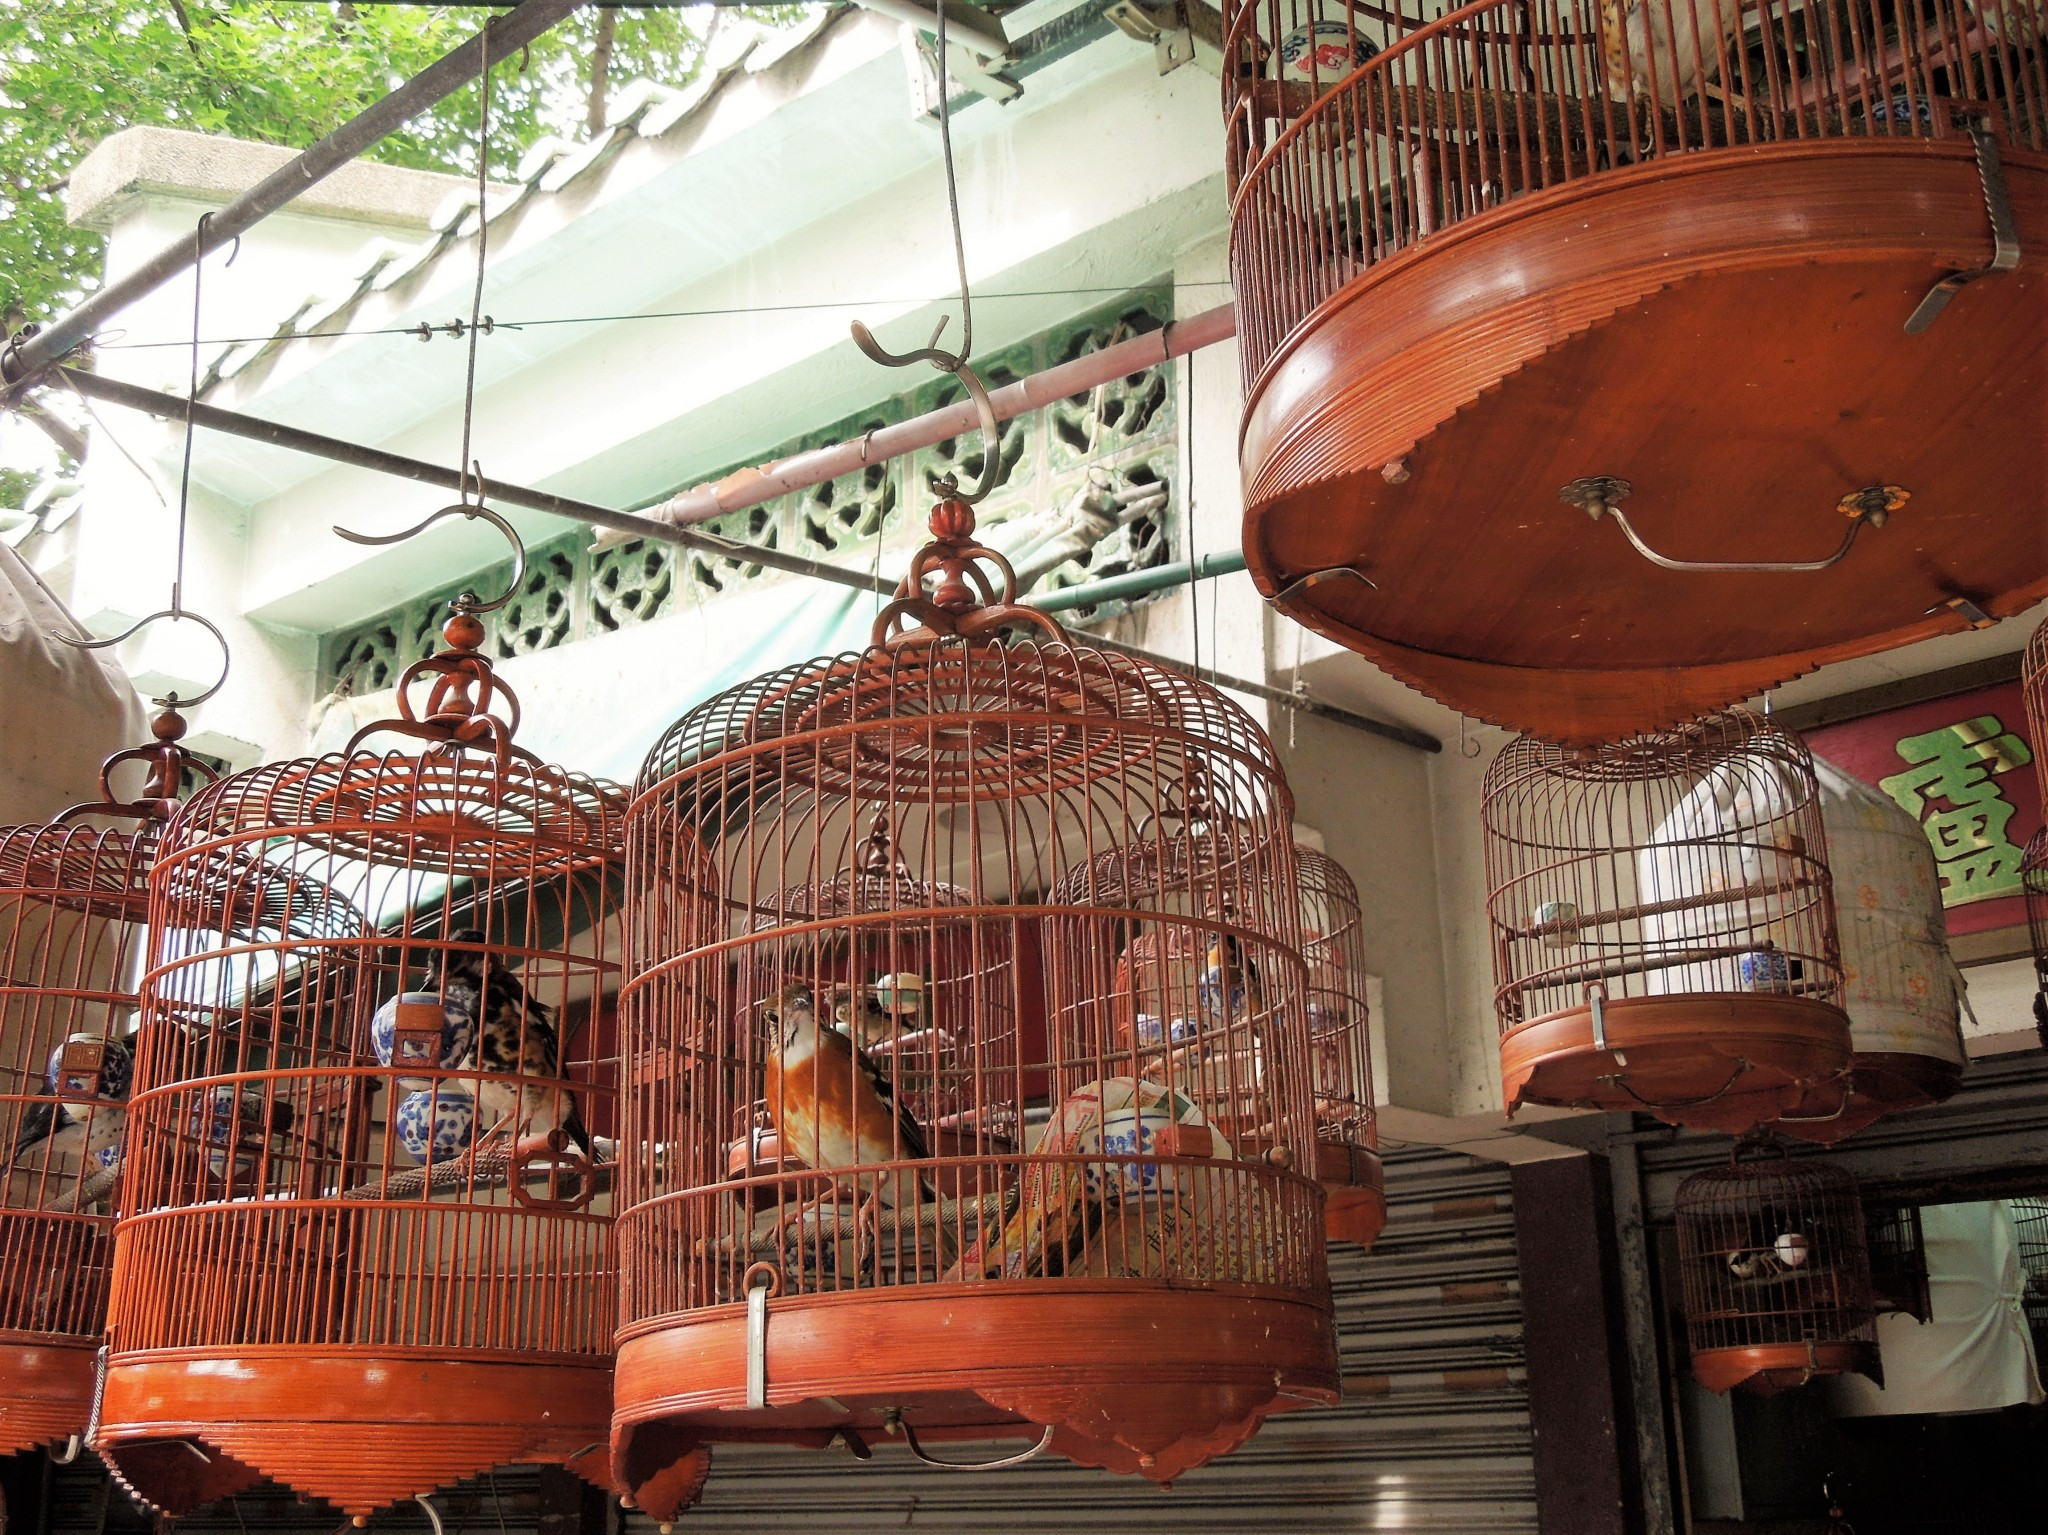 hongkong markkinat lintumarkkinat nähtävyydet